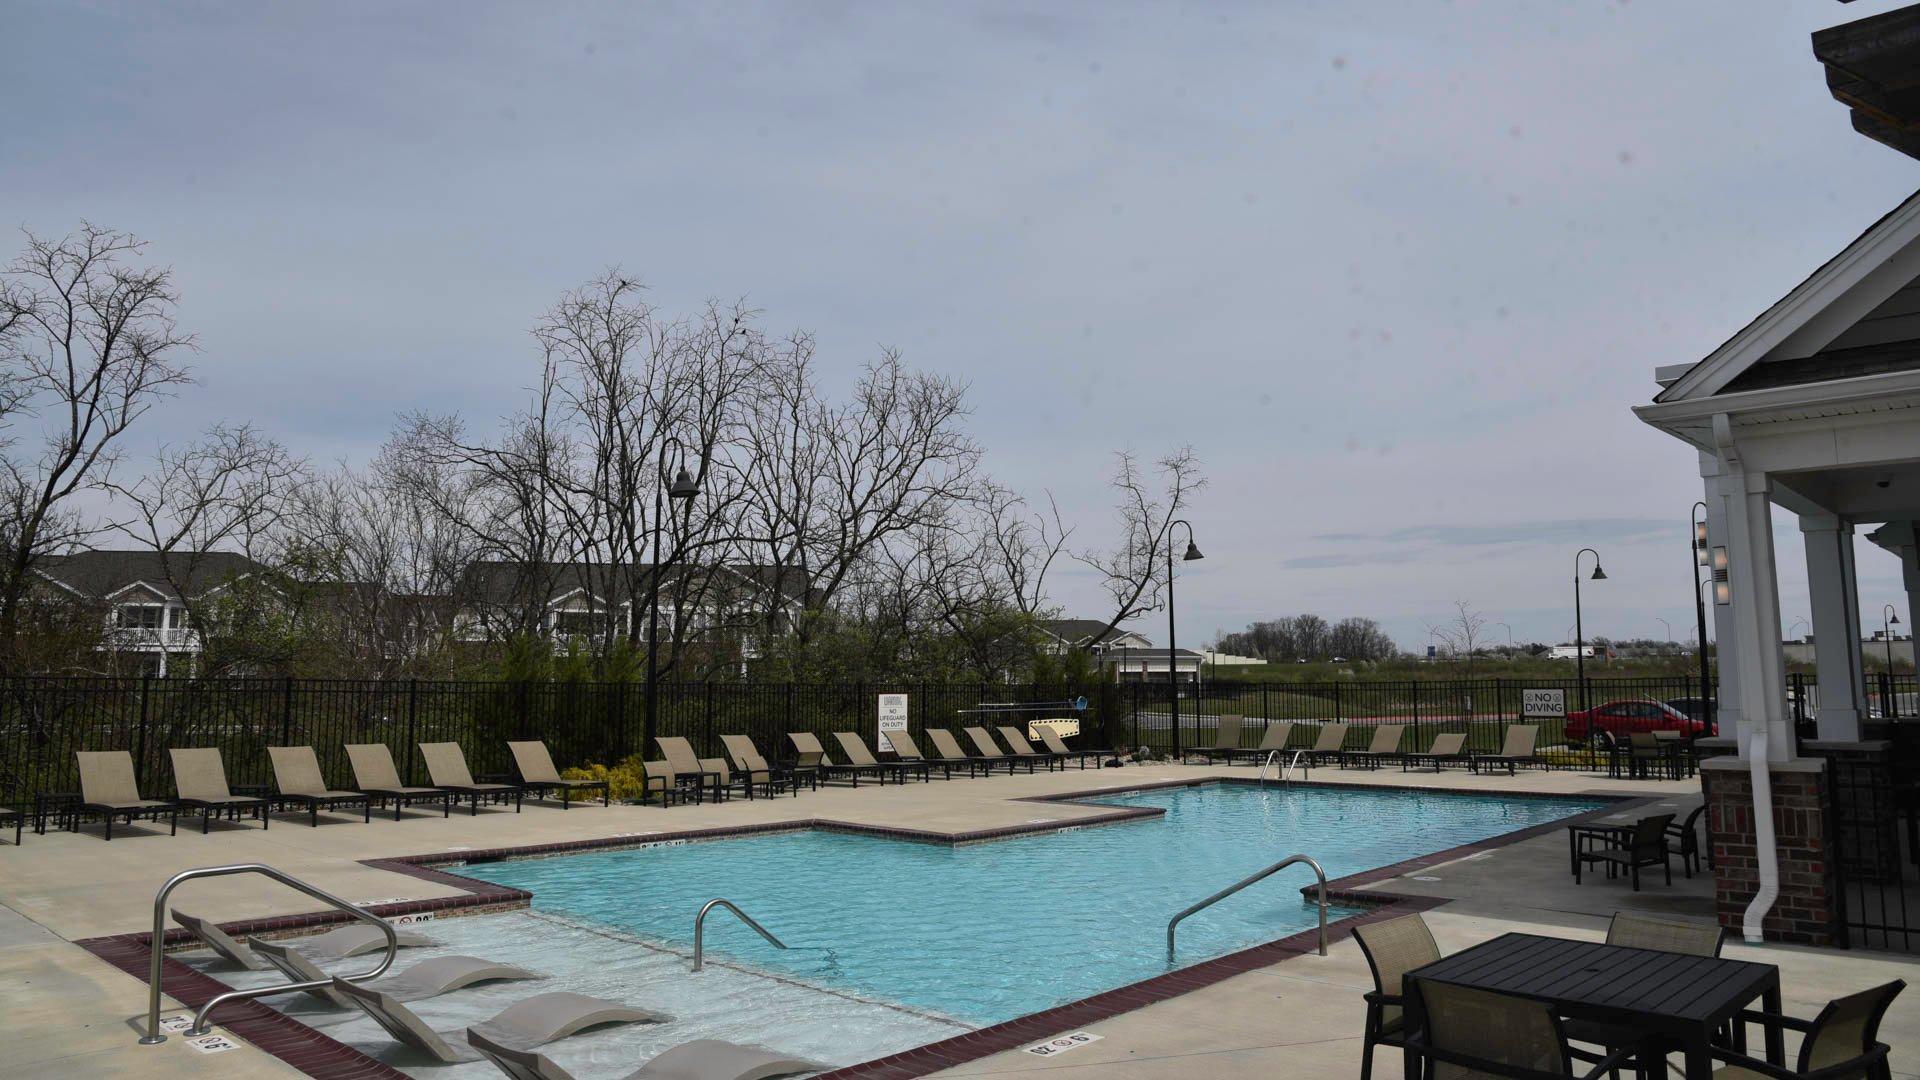 Springs at Liberty Township pool